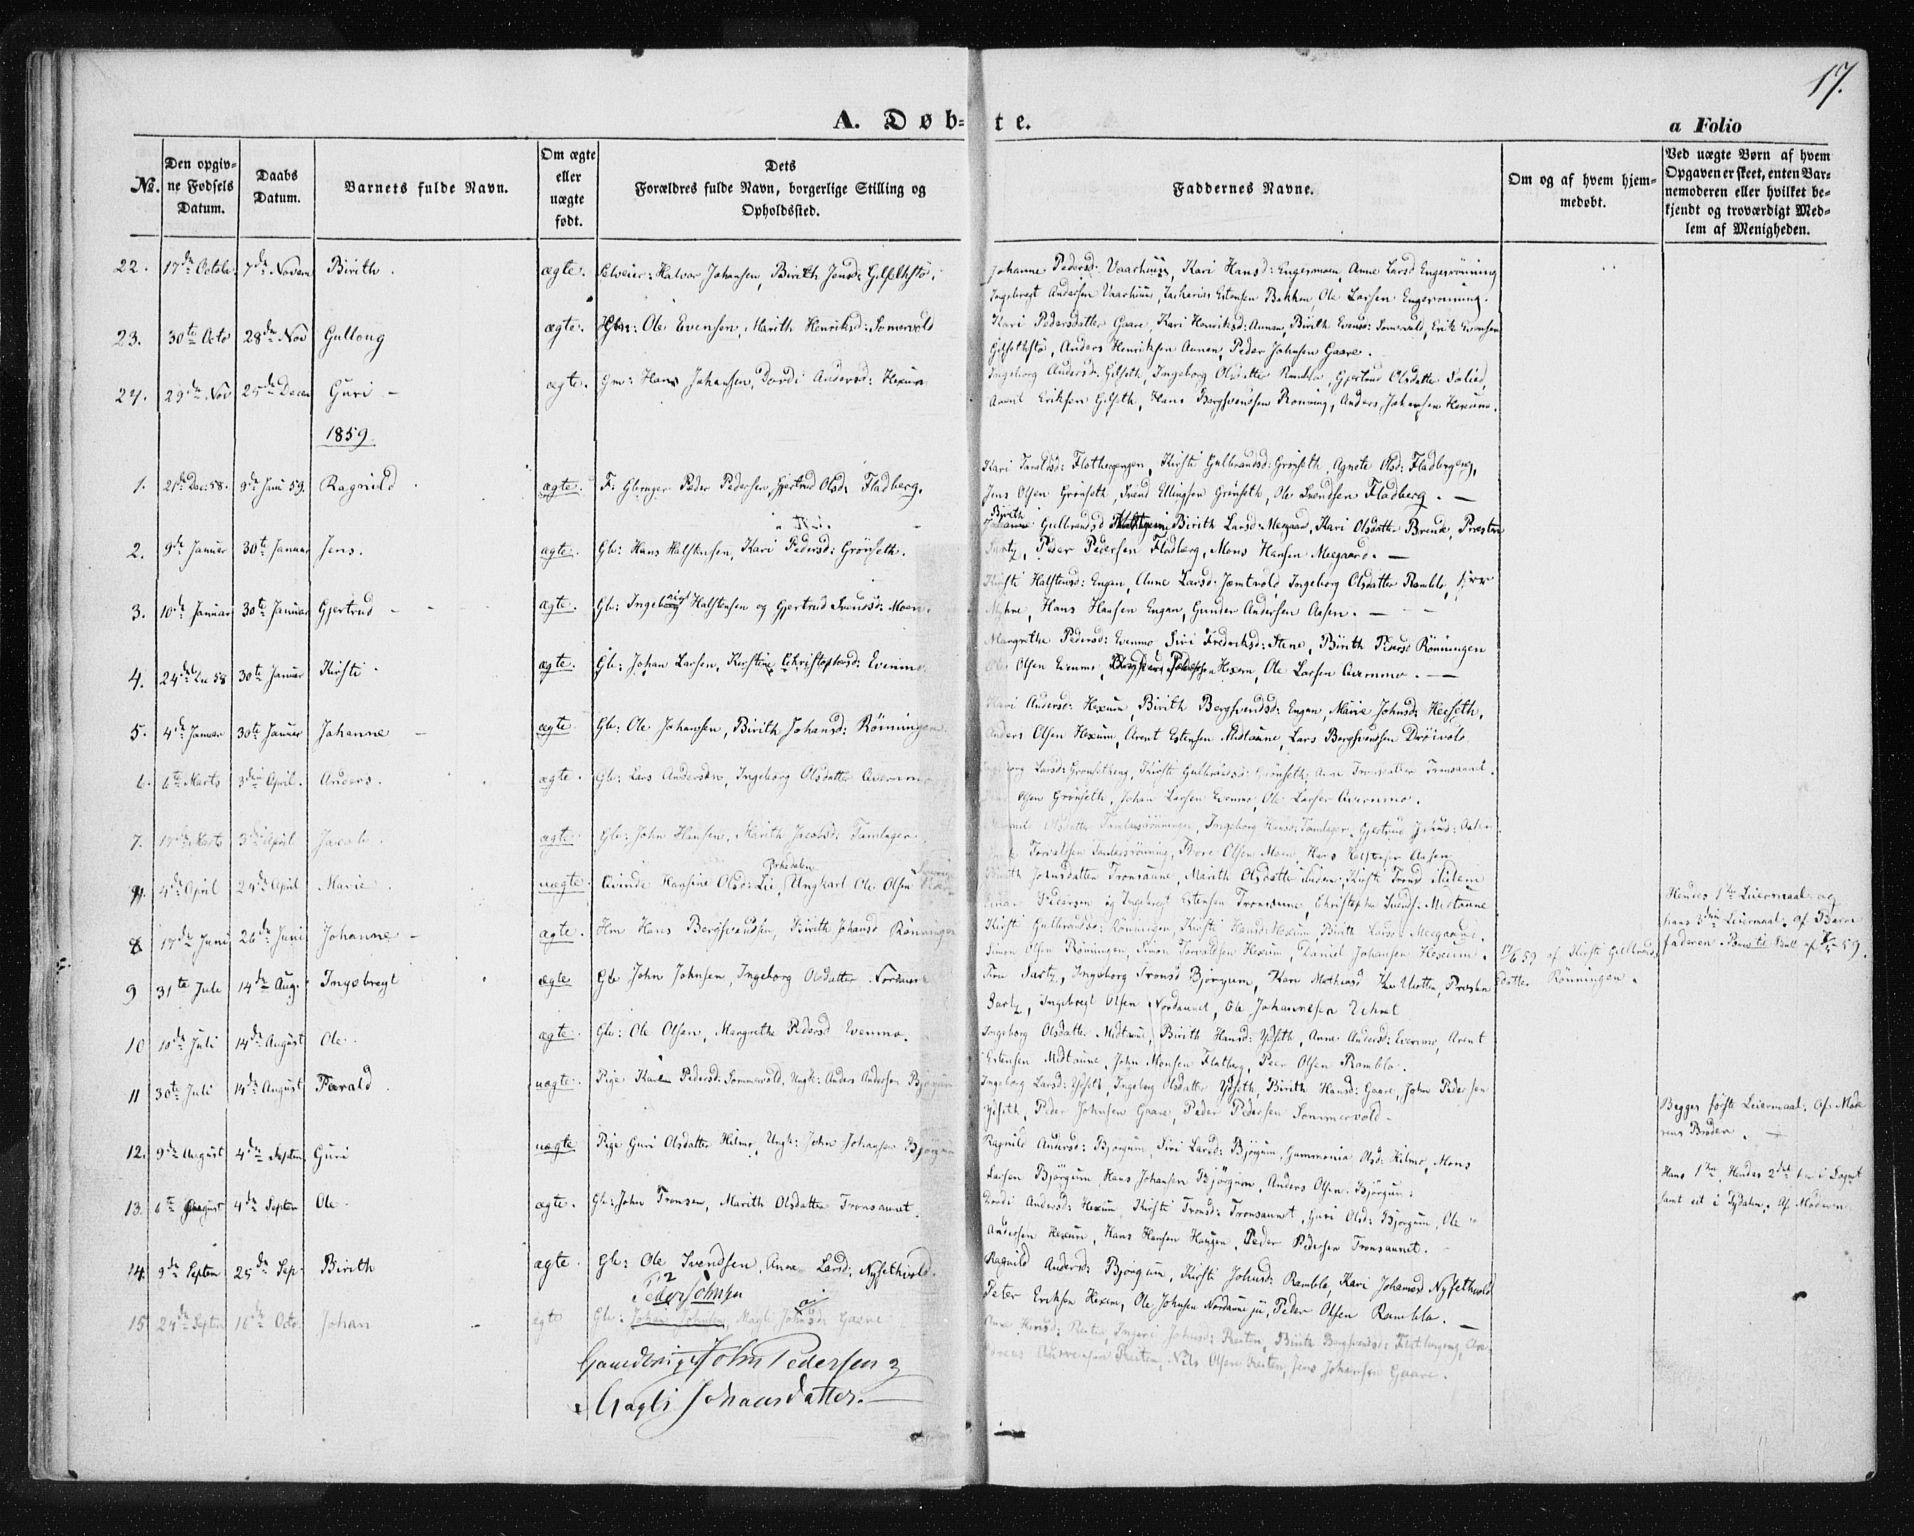 SAT, Ministerialprotokoller, klokkerbøker og fødselsregistre - Sør-Trøndelag, 685/L0963: Ministerialbok nr. 685A06 /1, 1846-1859, s. 17